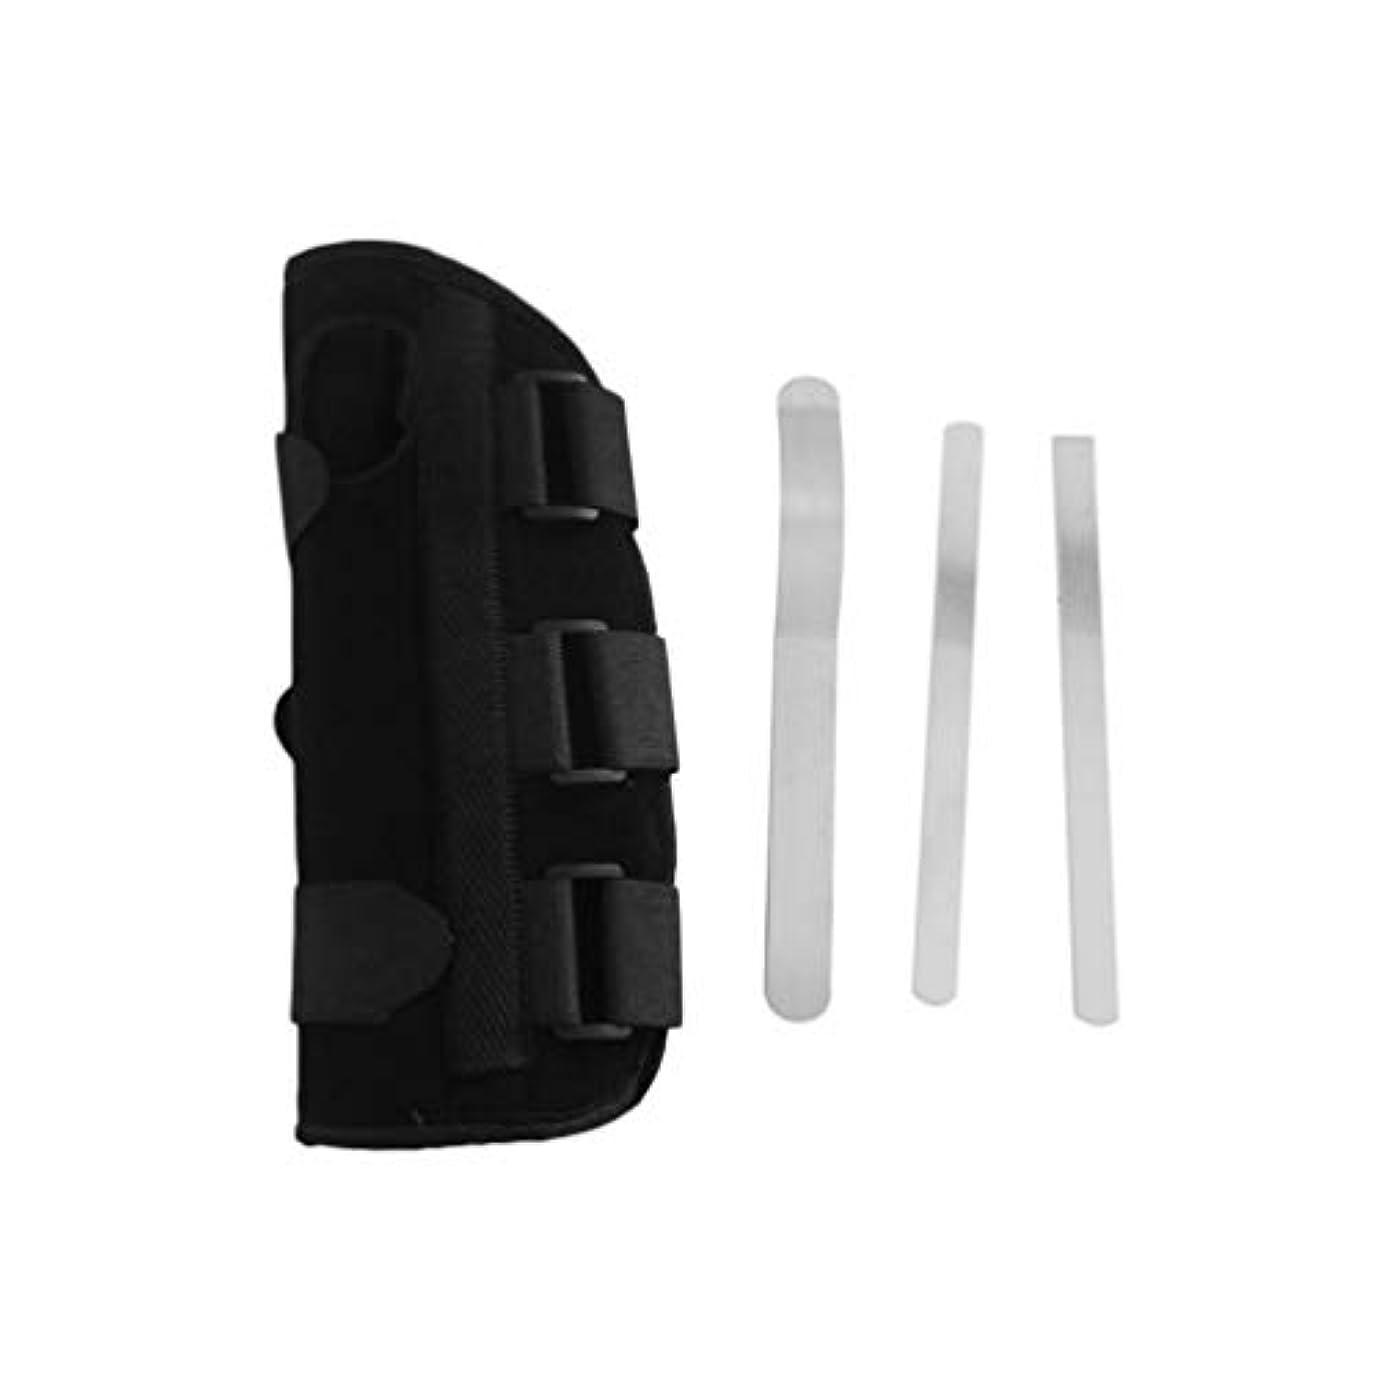 くるみメイト変換手首副木ブレース保護サポートストラップカルペルトンネルCTS RSI痛み軽減リムーバブル副木快適な軽量ストラップ - ブラックM